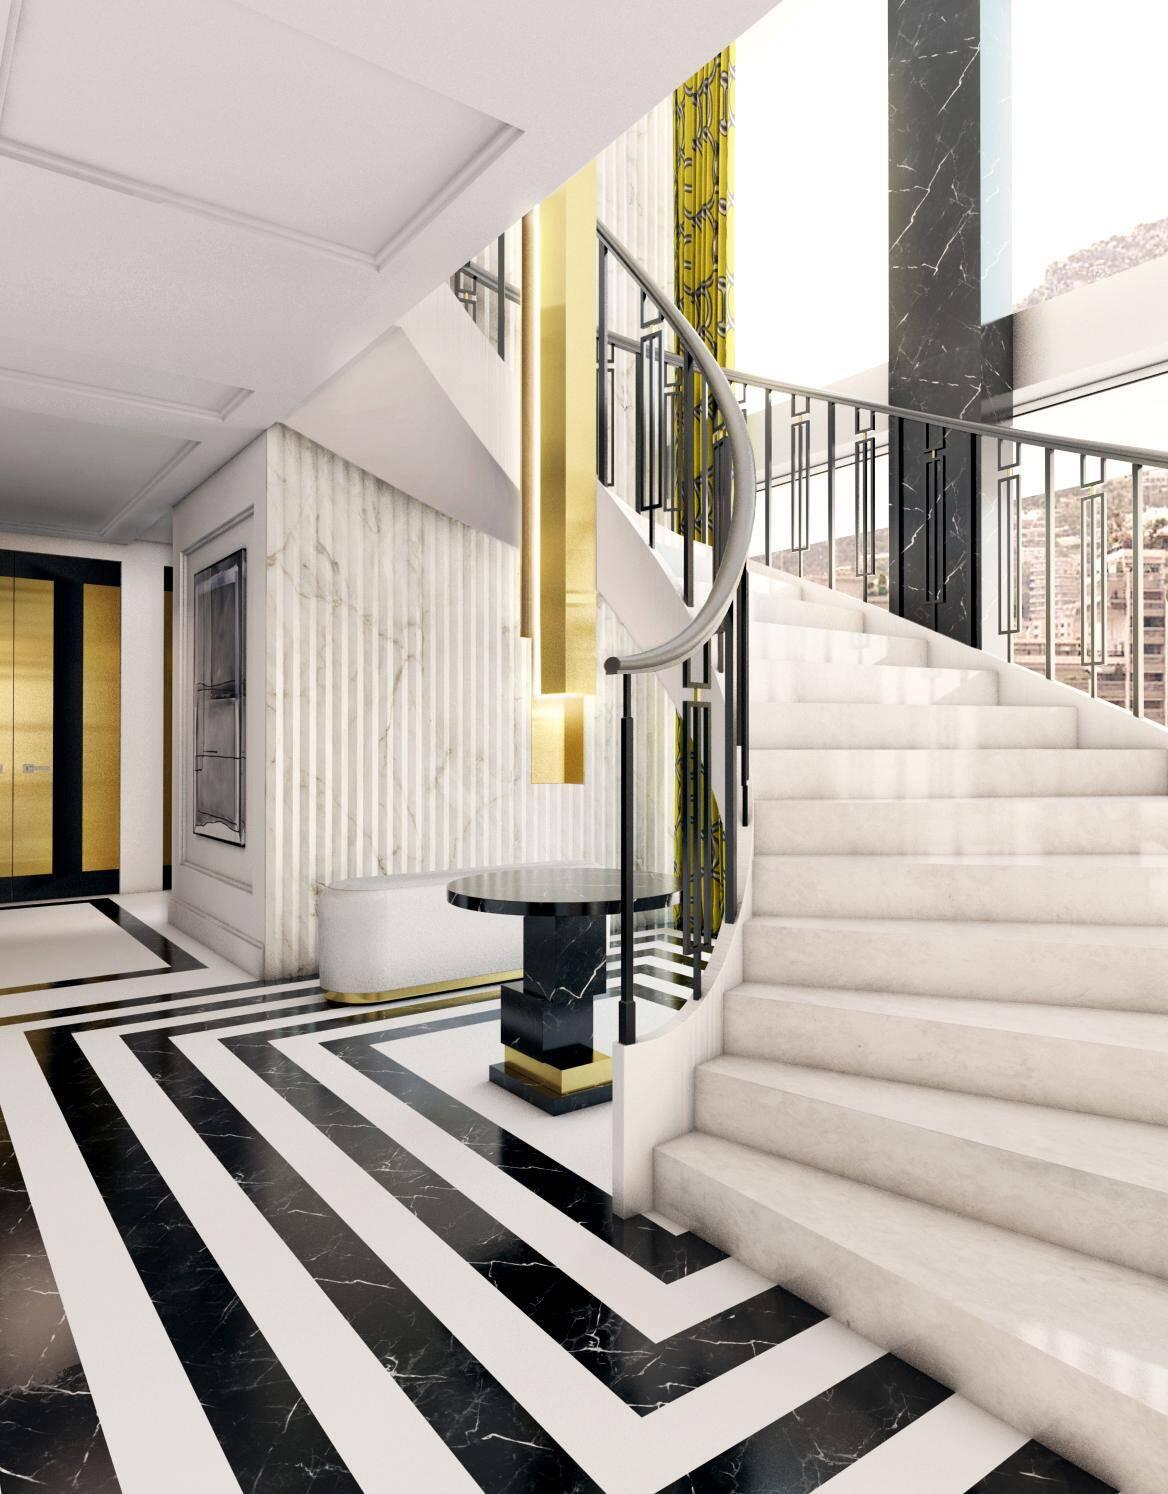 Au 17e étage de l'immeuble, le penthouse sera positionné comme un des plus beaux appartements du pays.